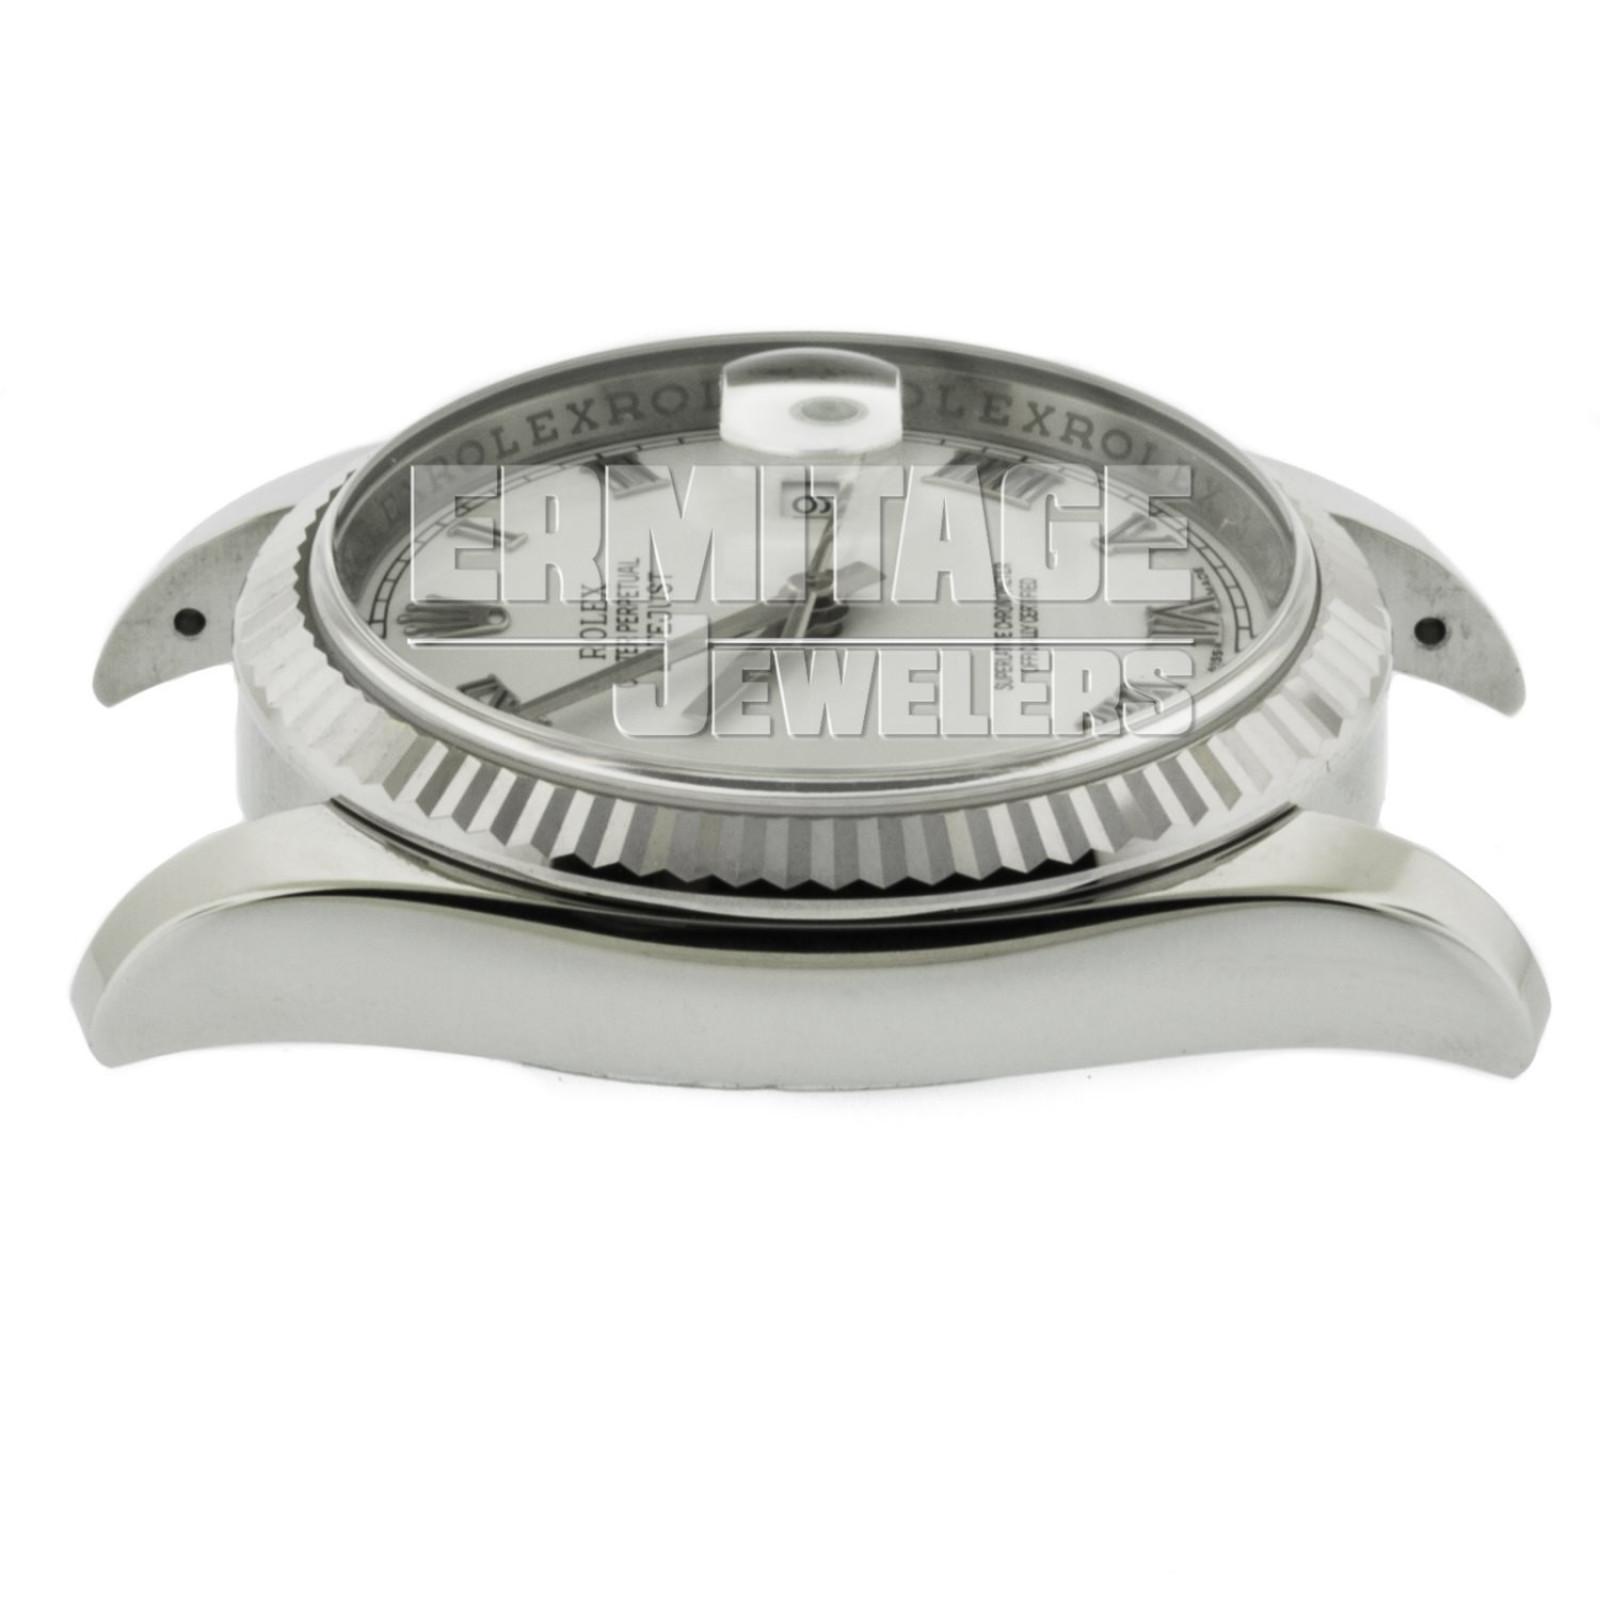 18kt White Gold & Steel on Jubilee Rolex Datejust 116234 36 mm